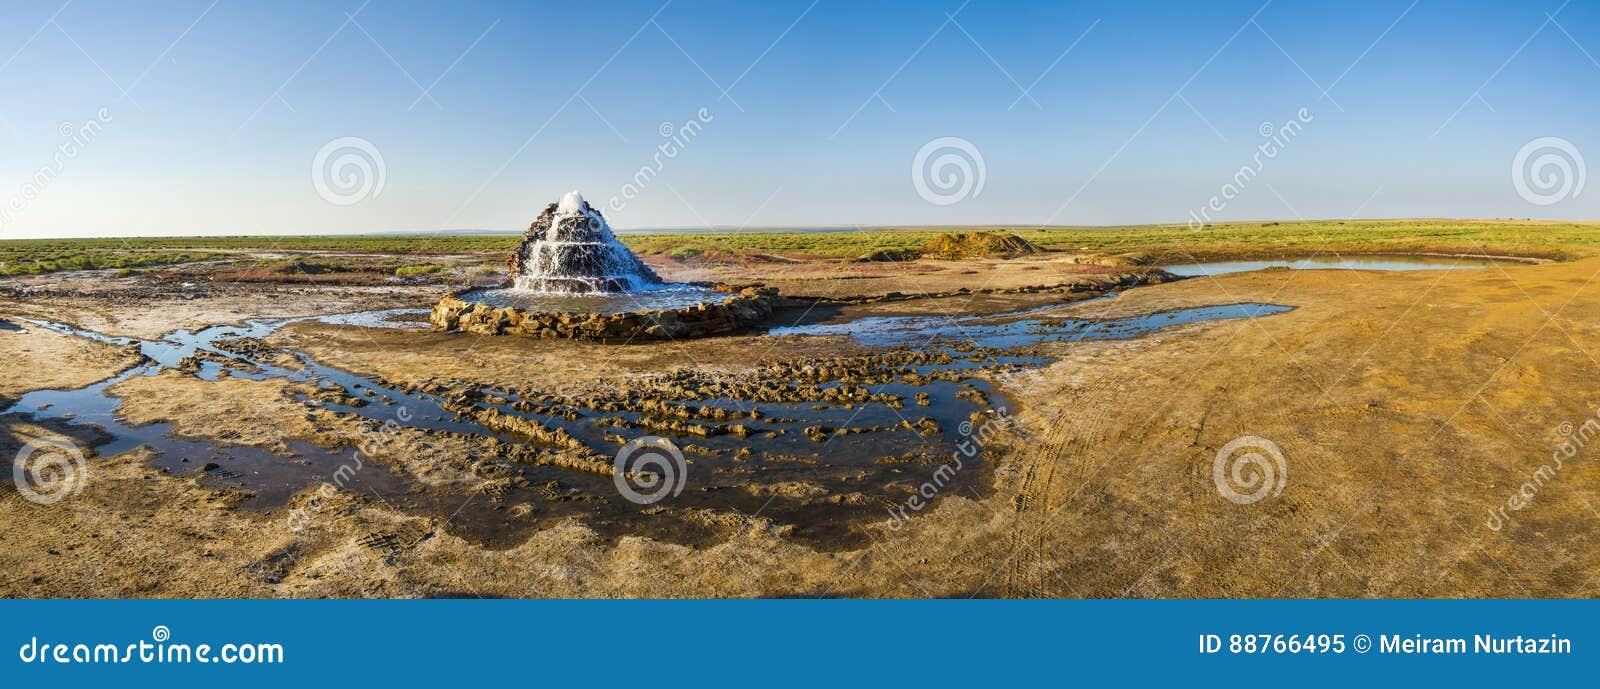 De radonlentes bij de bodem van het opgedroogde Aral Overzees